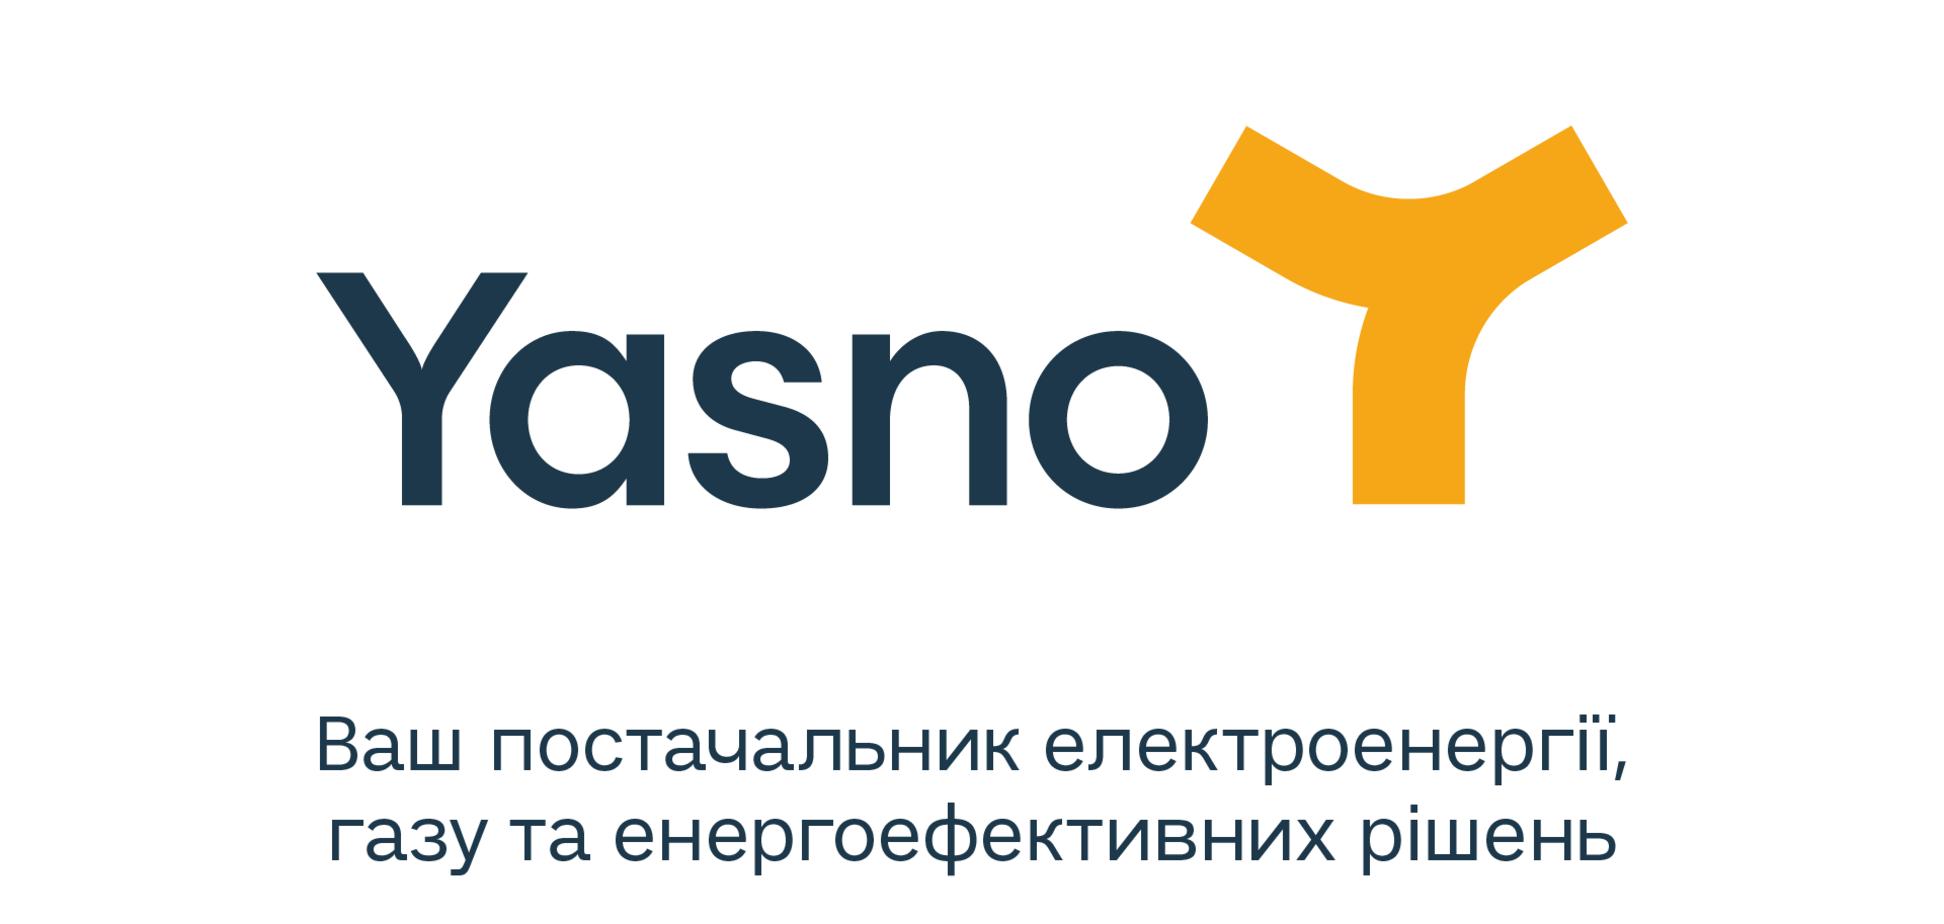 Вартість блакитного палива від YASNO становитиме 7,39 грн з ПДВ